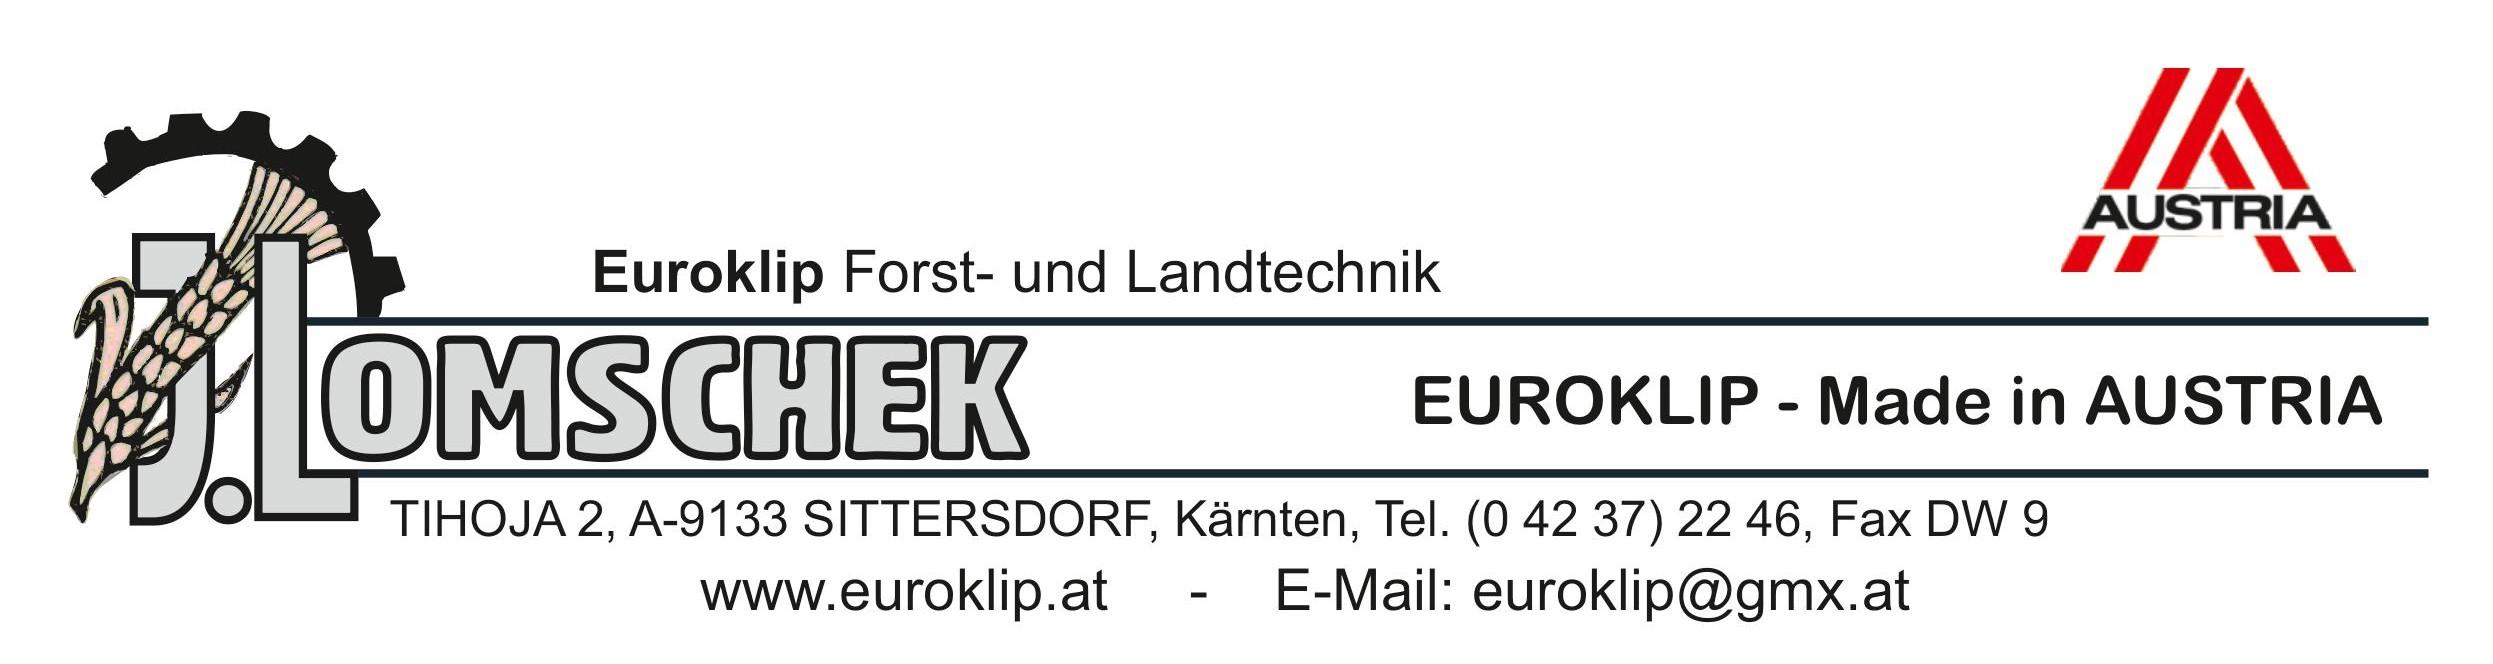 Logo euroklip_Neu_JPG.jpg